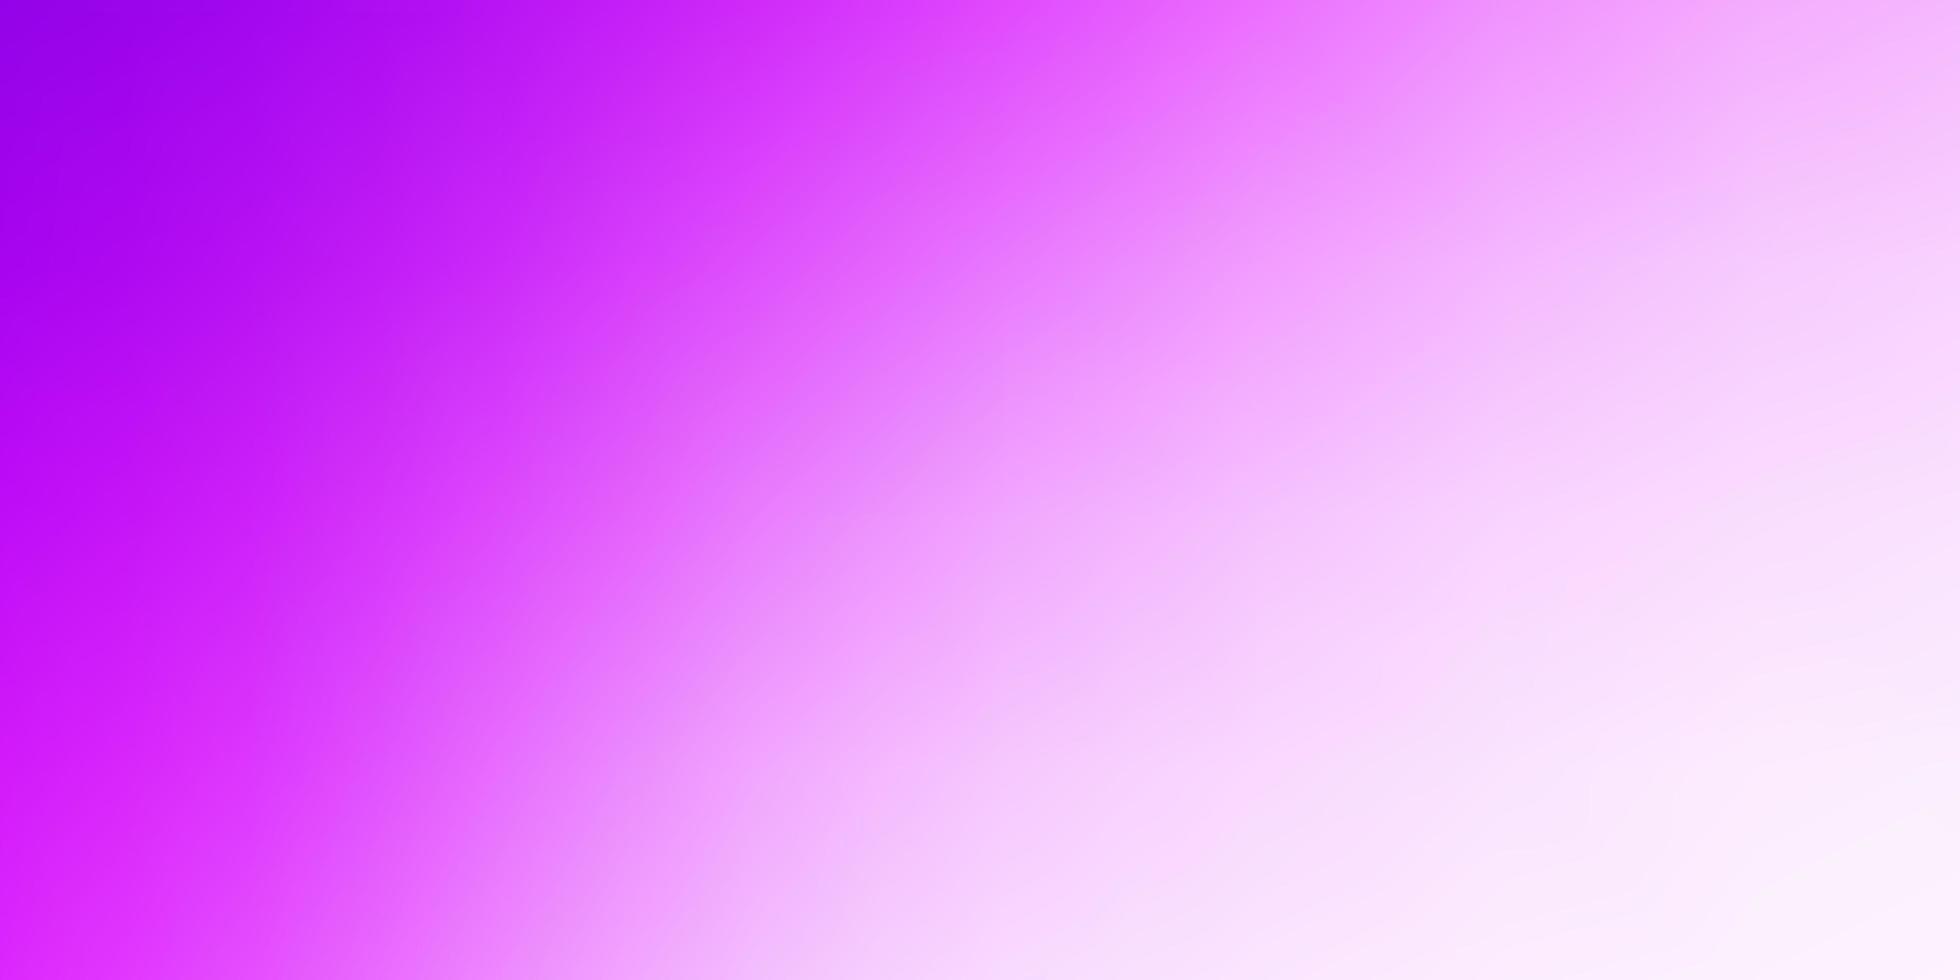 luz rosa vetor abstrato turva fundo.